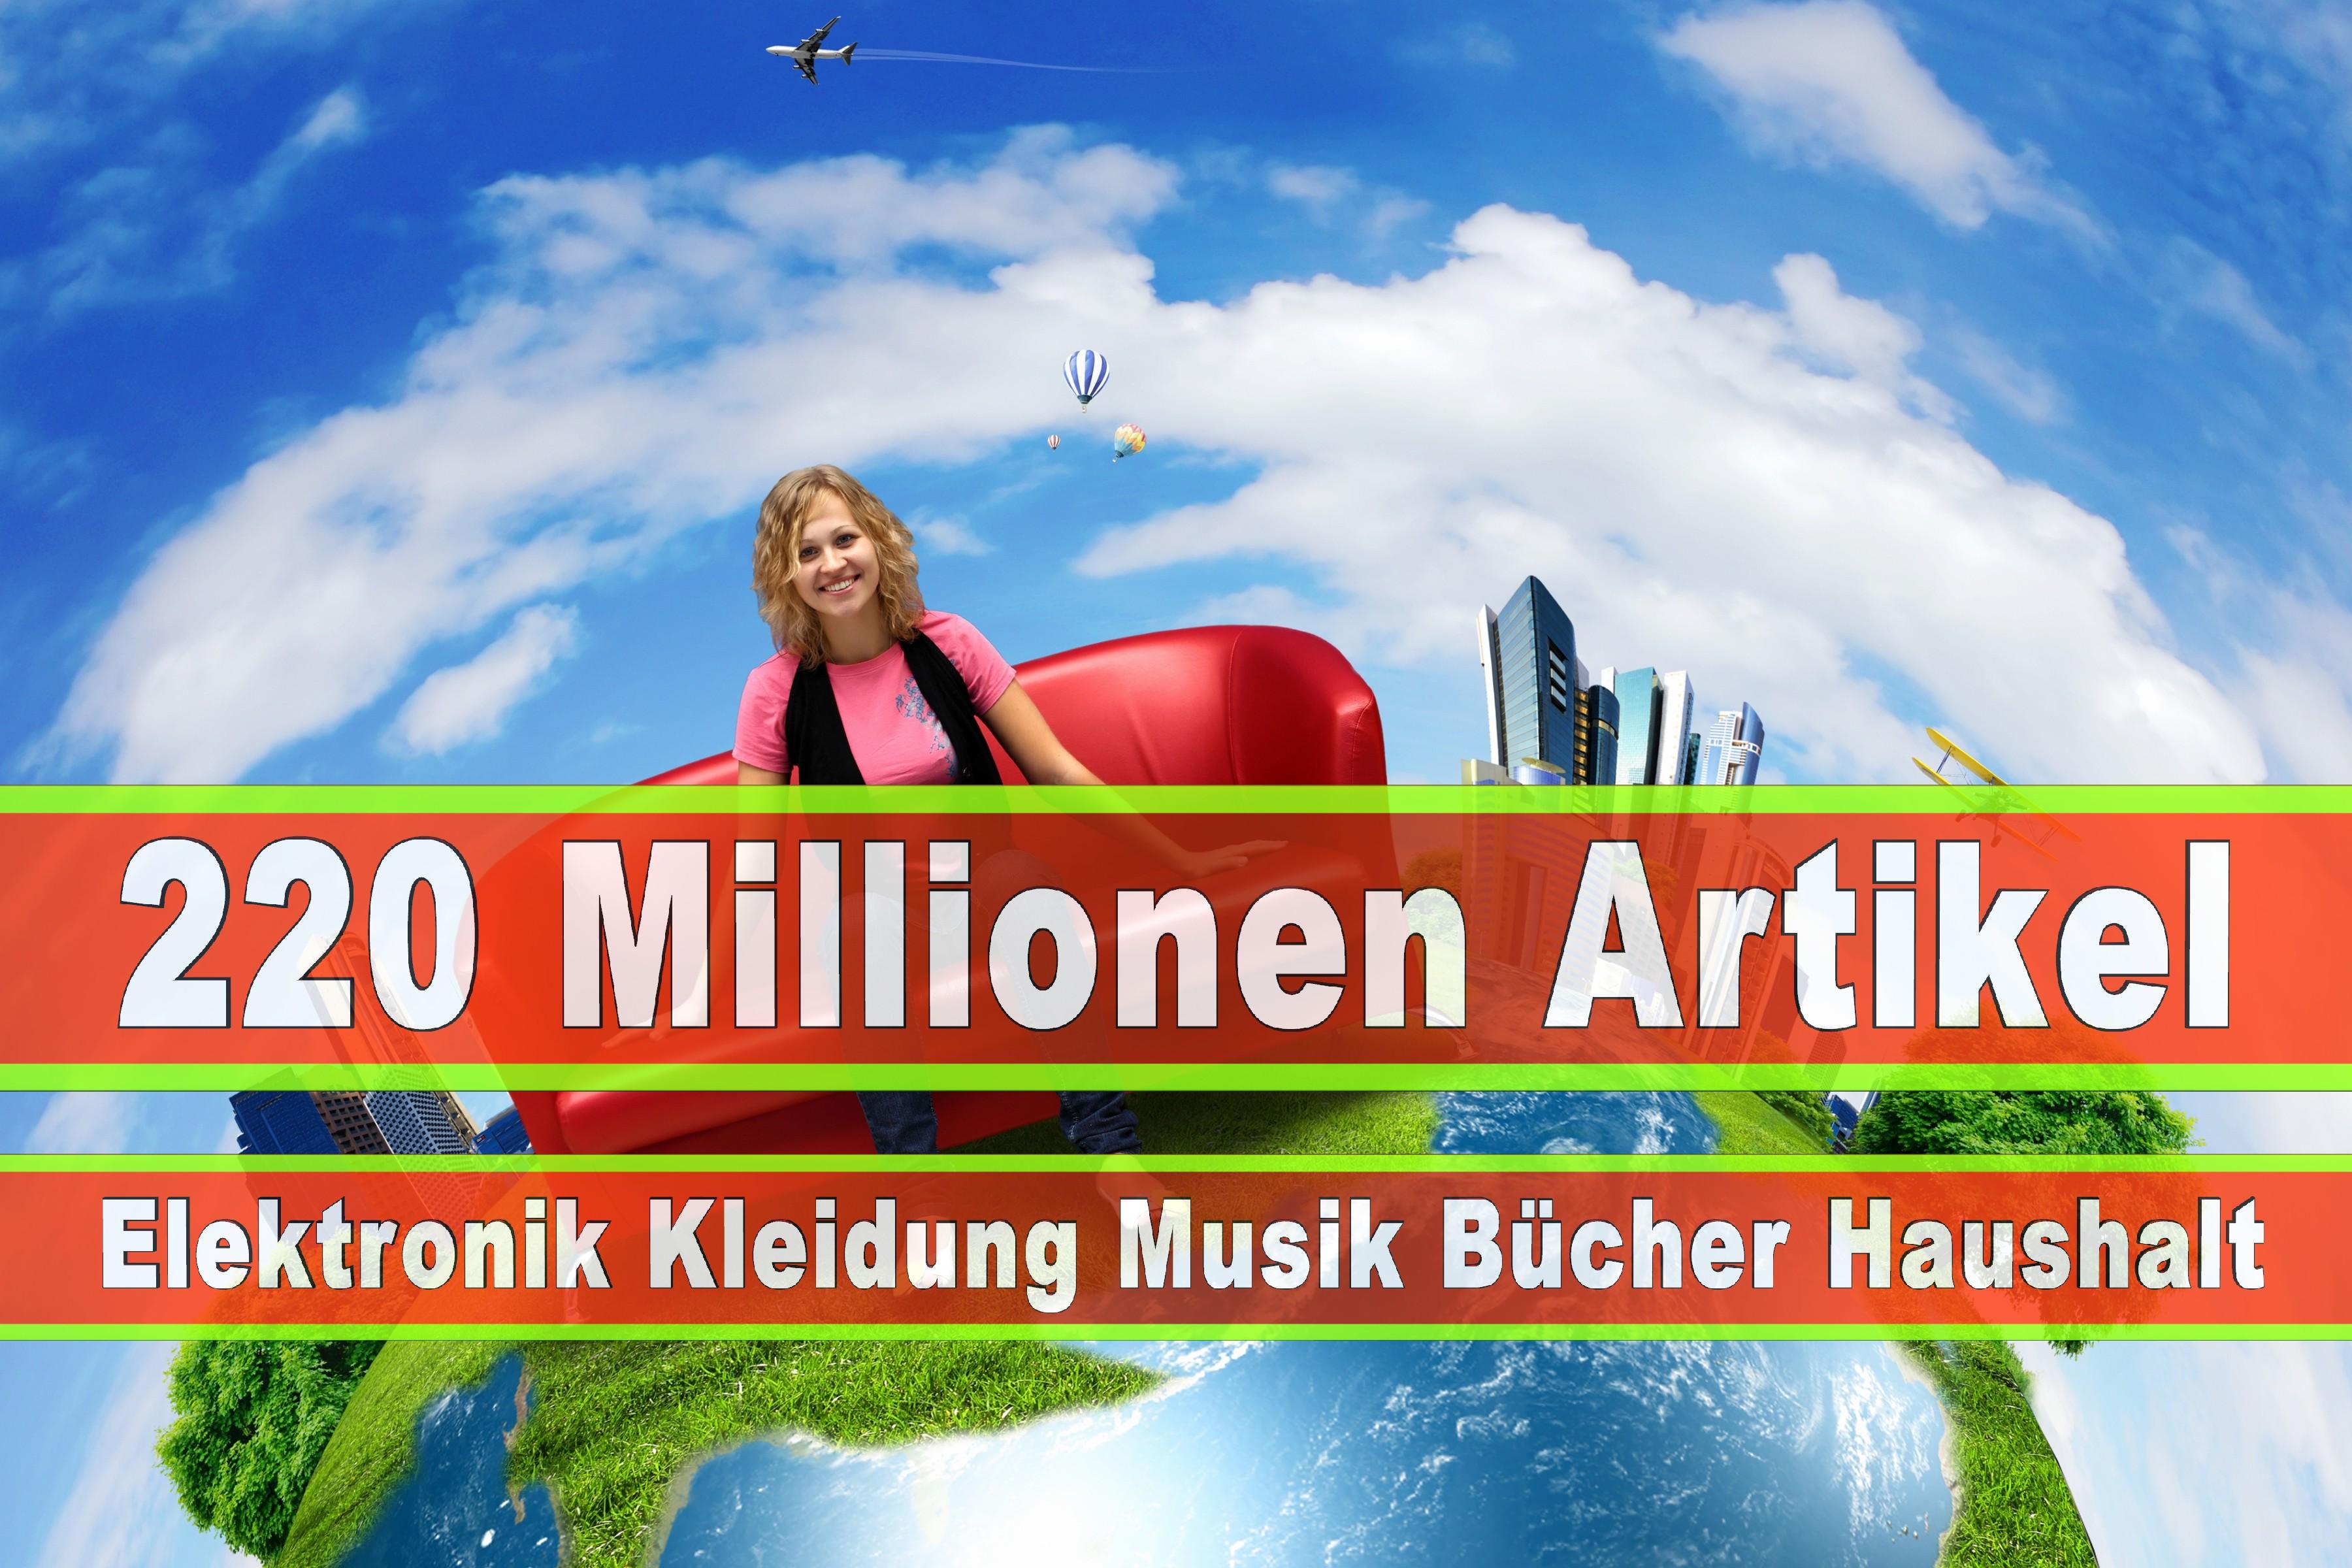 Amazon Elektronik Musik Haushalt Bücher CD DVD Handys Smartphones TV Television Fernseher Kleidung Mode Ebay Versandhaus (226)